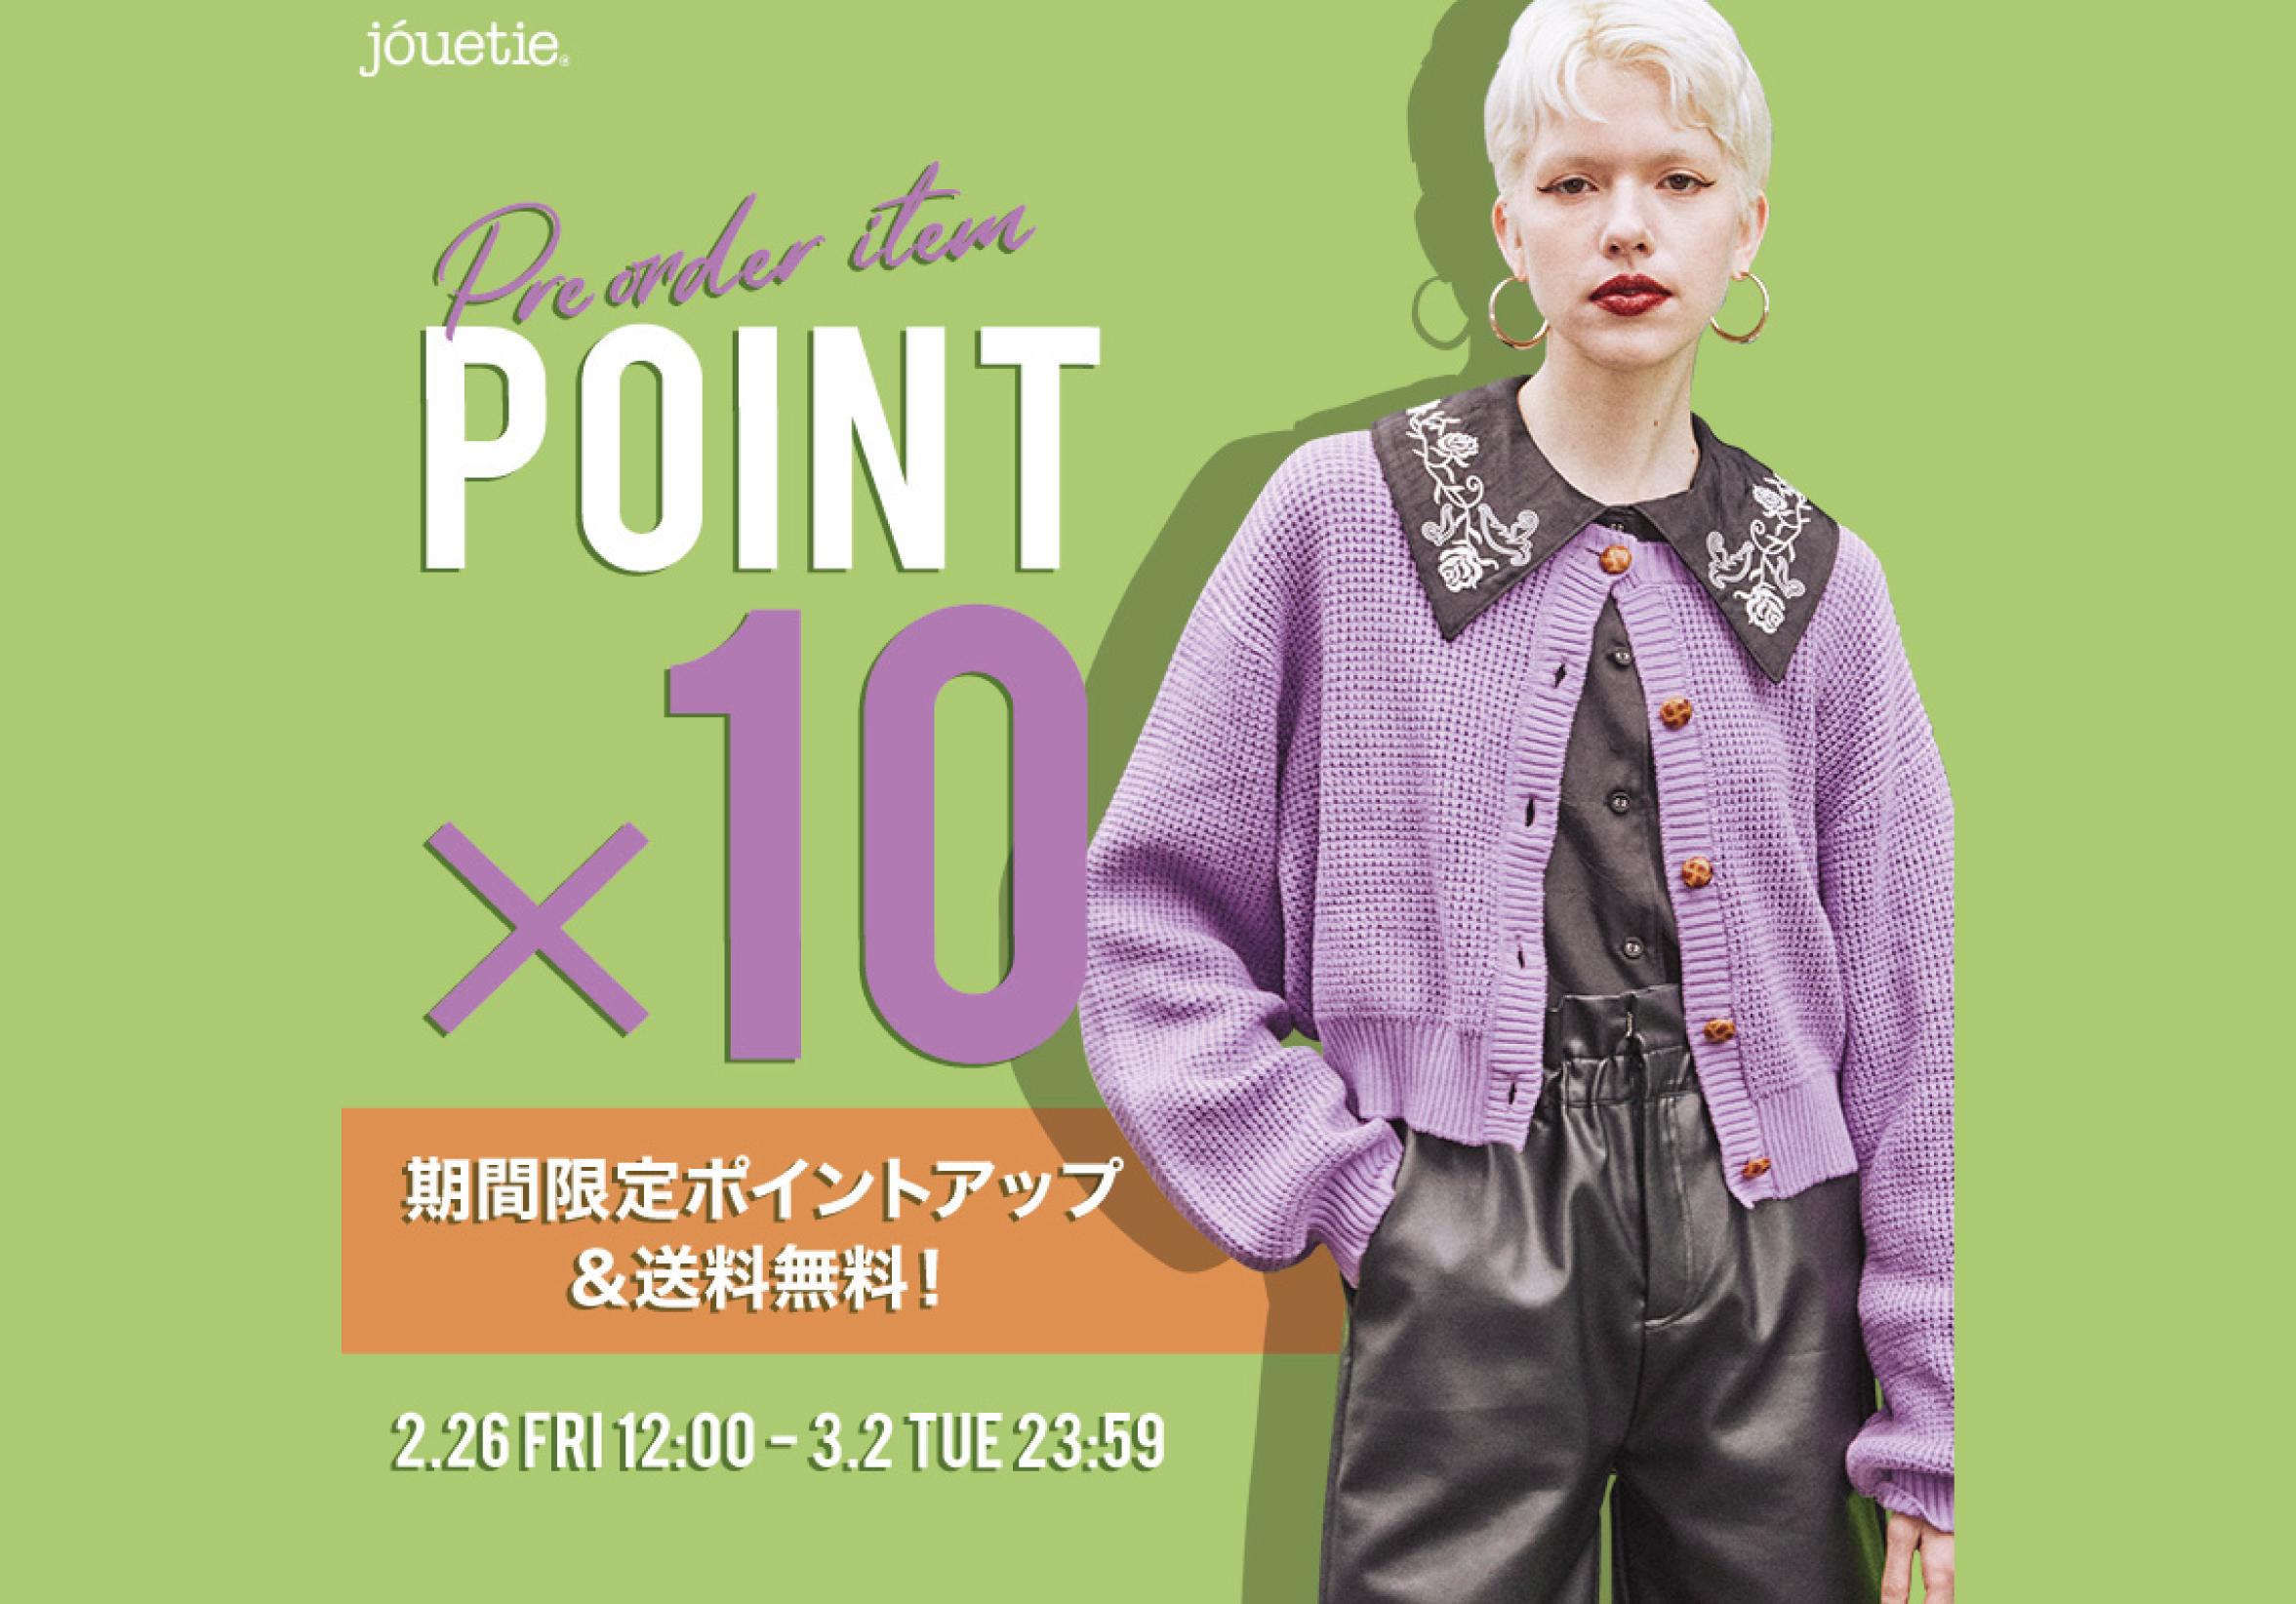 【予約アイテムポイント10倍&送料無料】